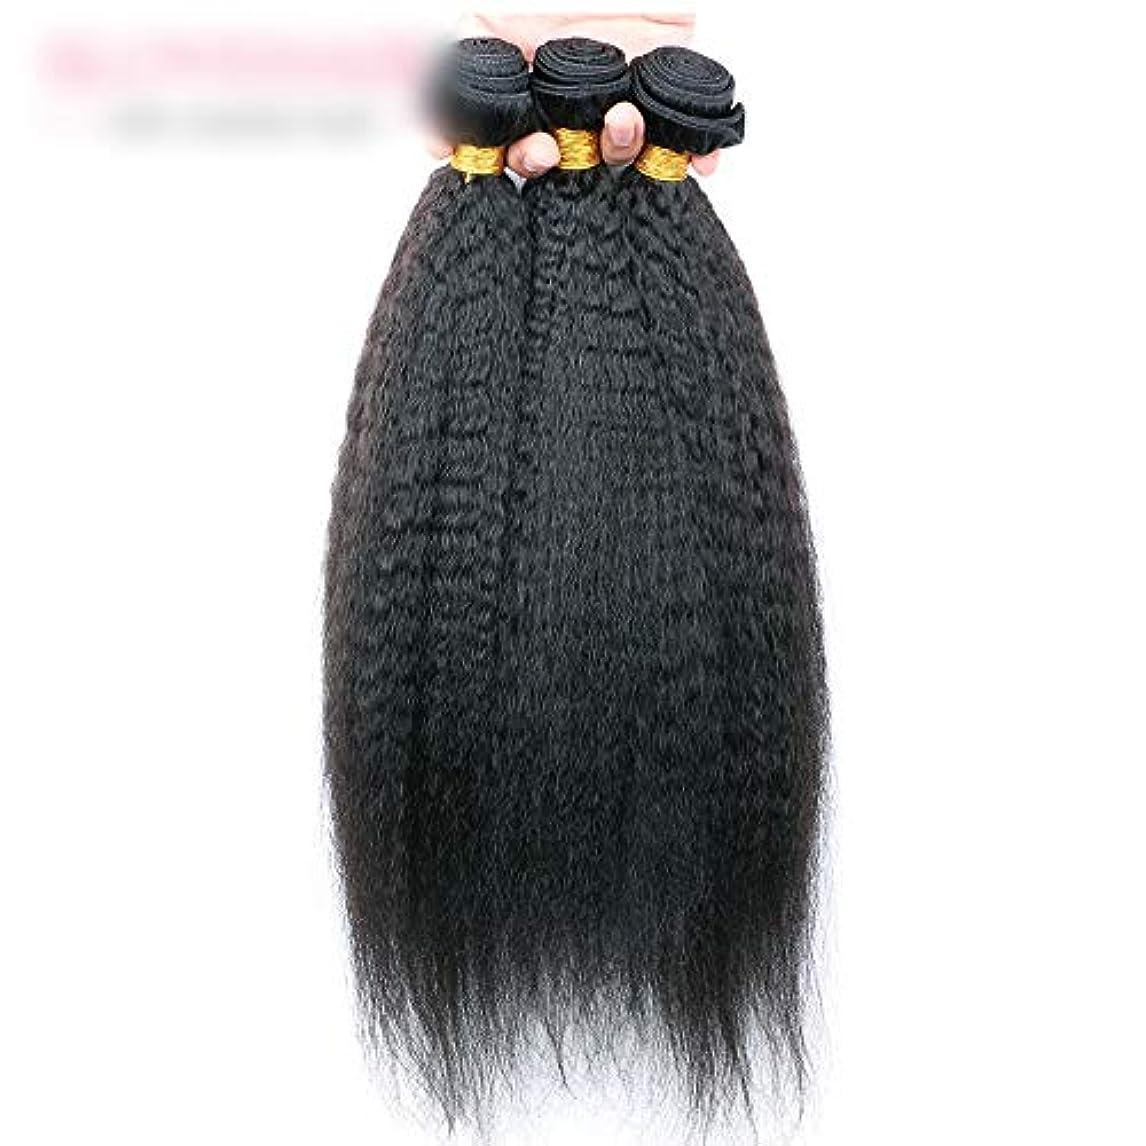 終了しましたに賛成思い出させるWASAIO 閉鎖ボディ未処理の拡張ナチュラルブラックに着色されたニート人間の髪織り (色 : 黒, サイズ : 14 inch)